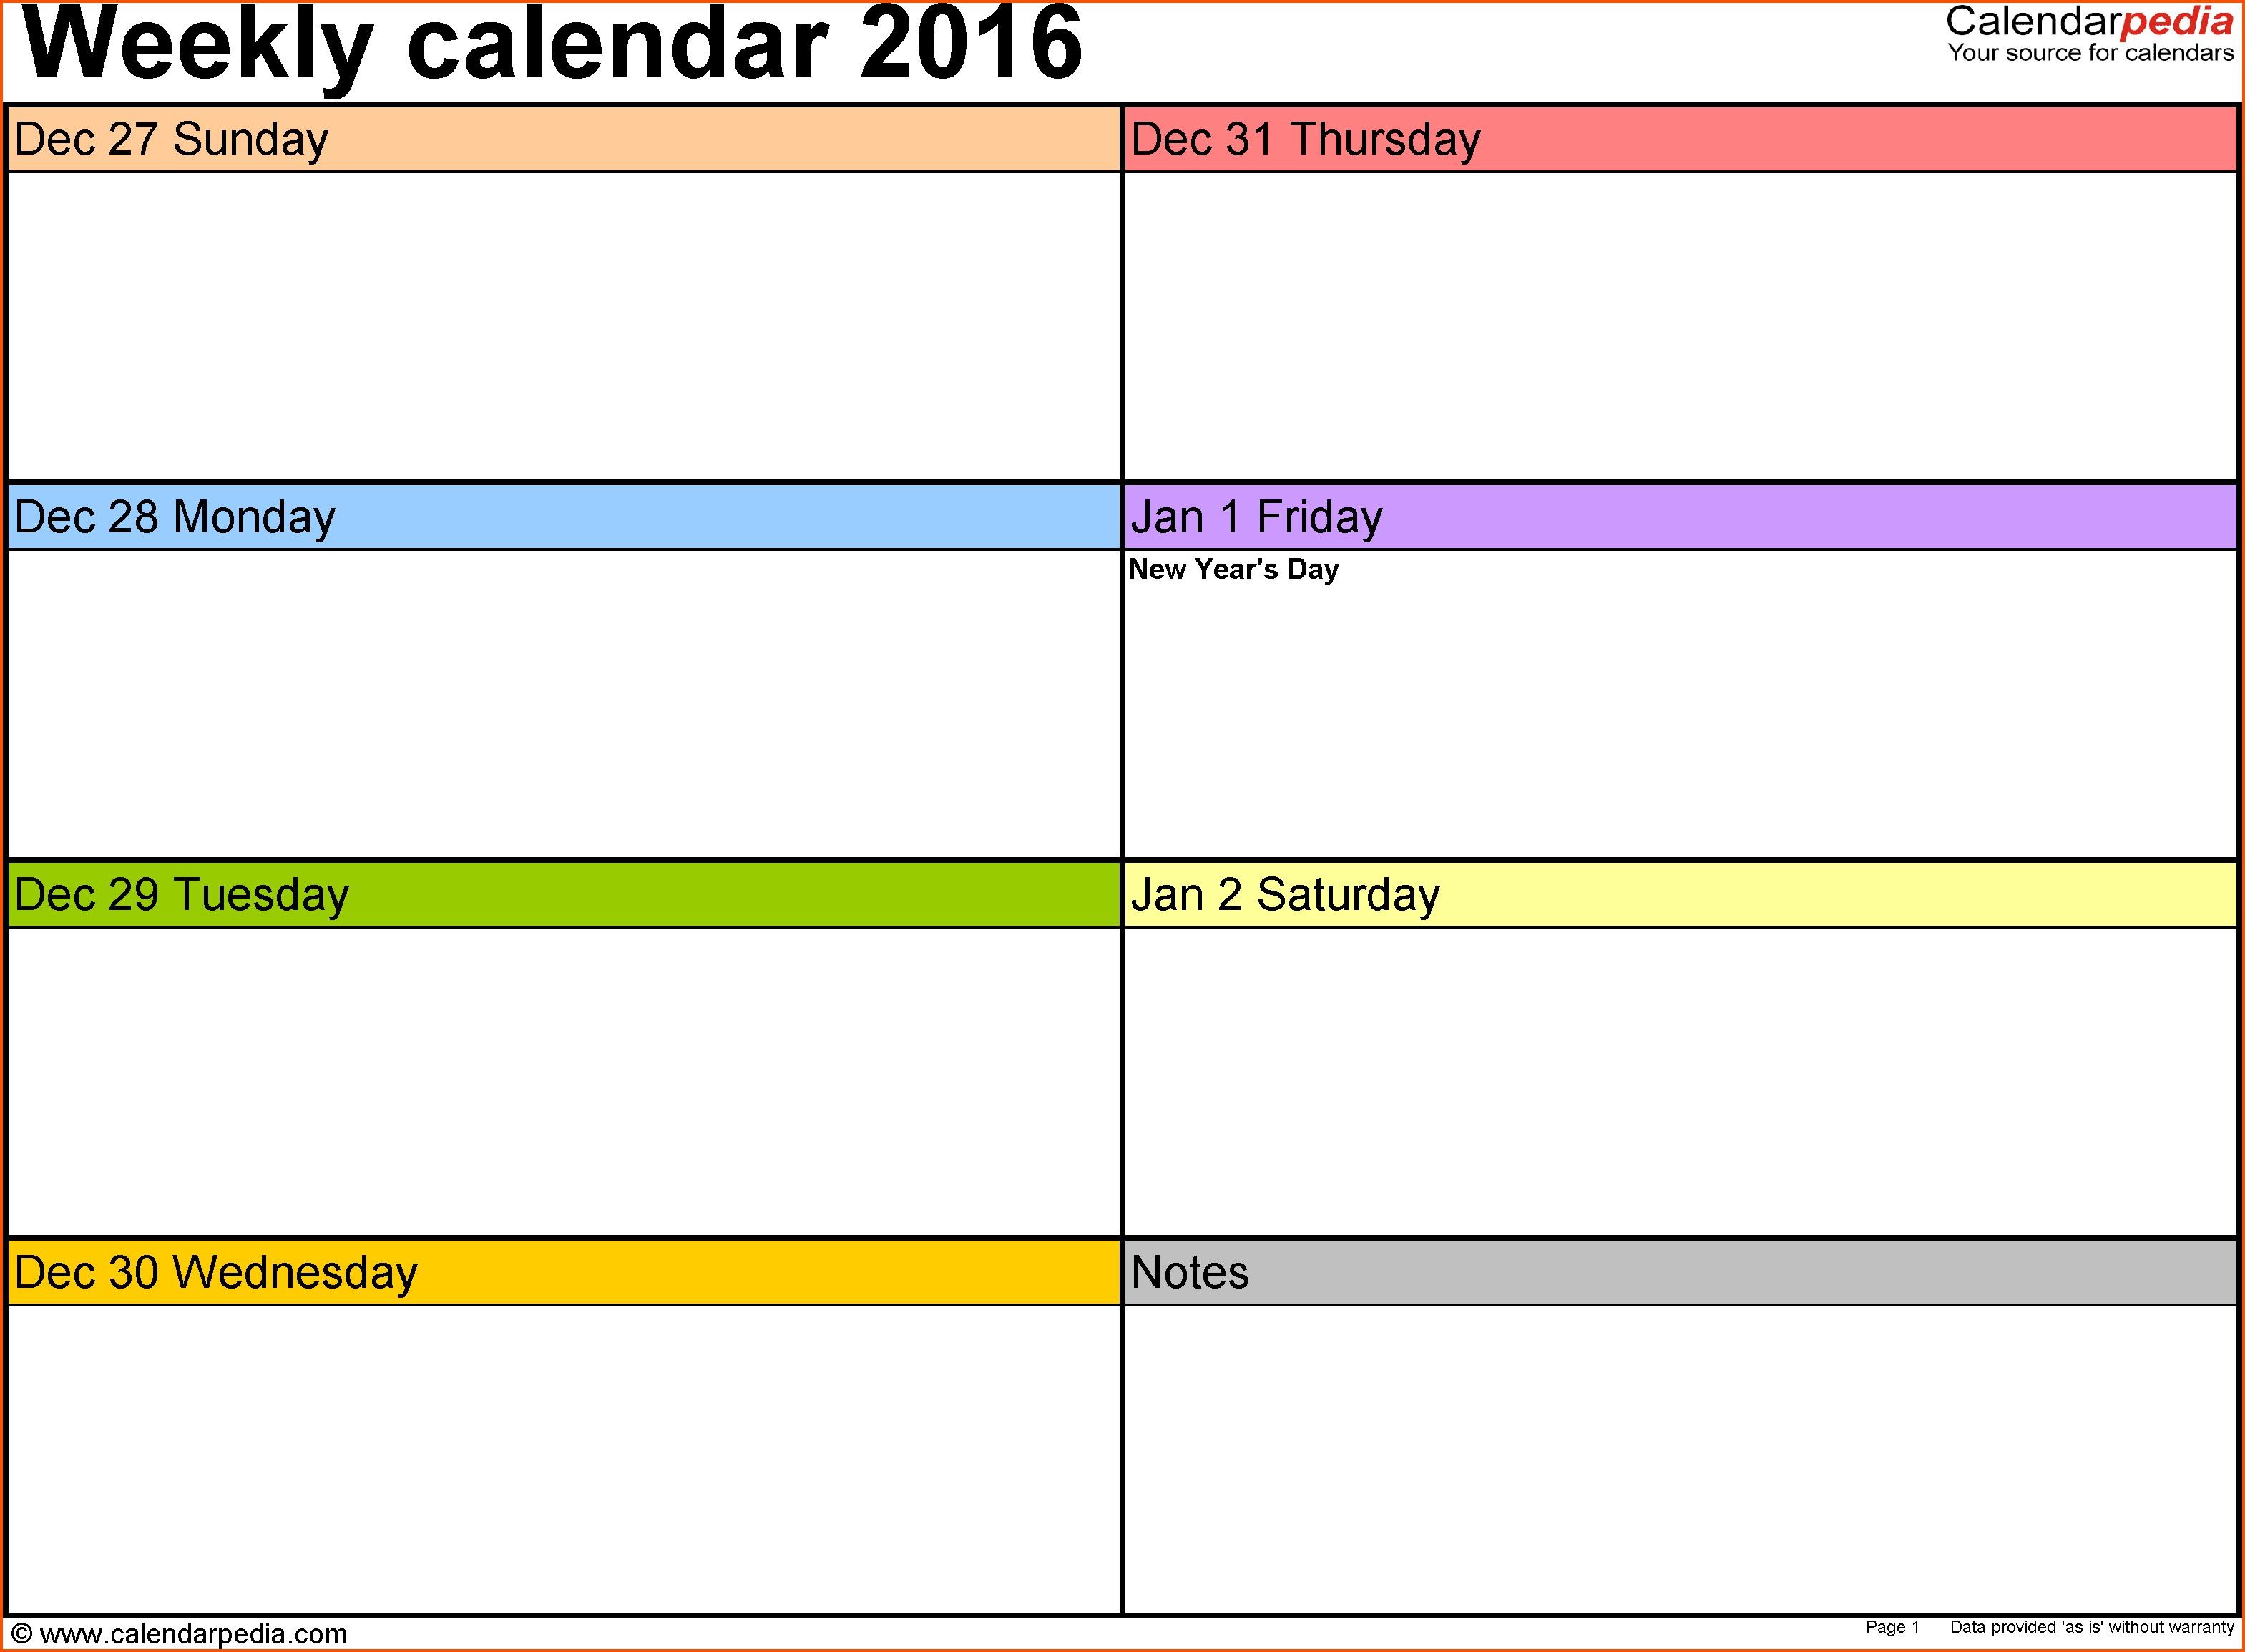 12 Weekly Calendar Template Word Survey Template Words In Weekly with regard to Printable Blank 12 Week Calendar Template